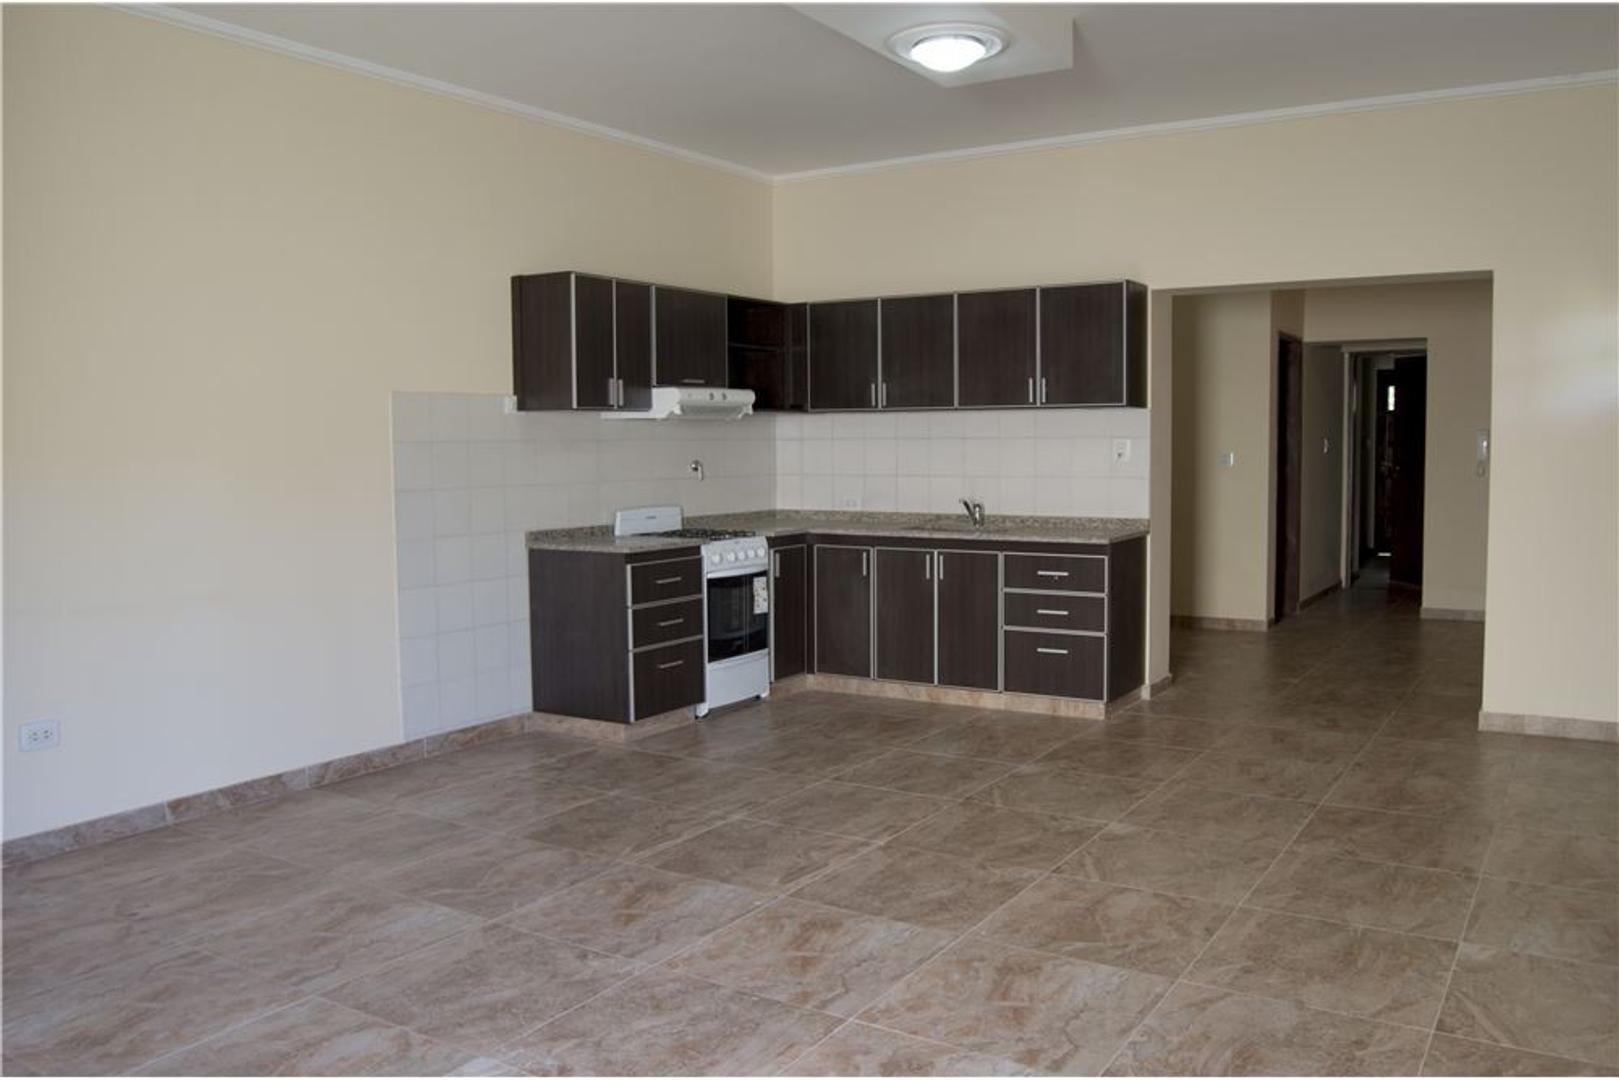 Vendo piso exclusivo de tres dormitorios.